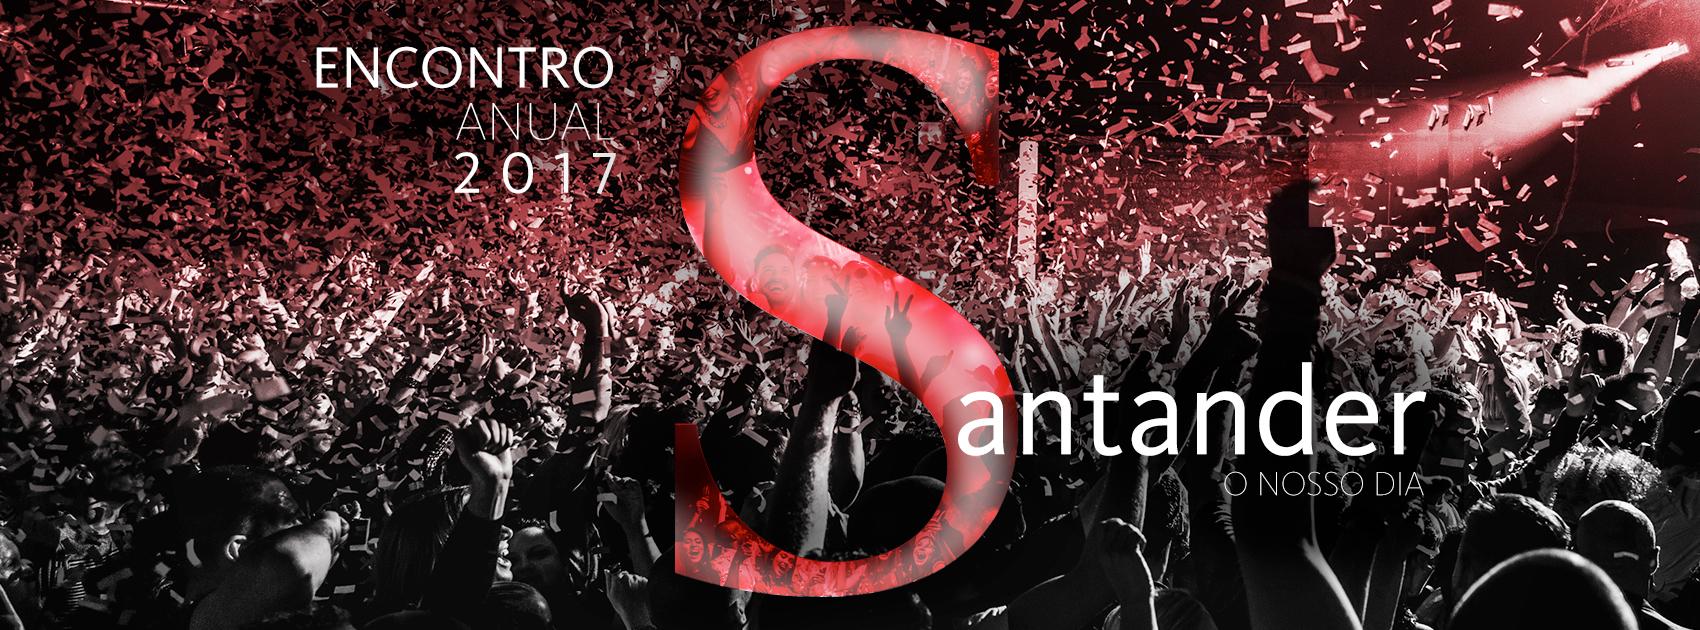 Encontro Anual Santander